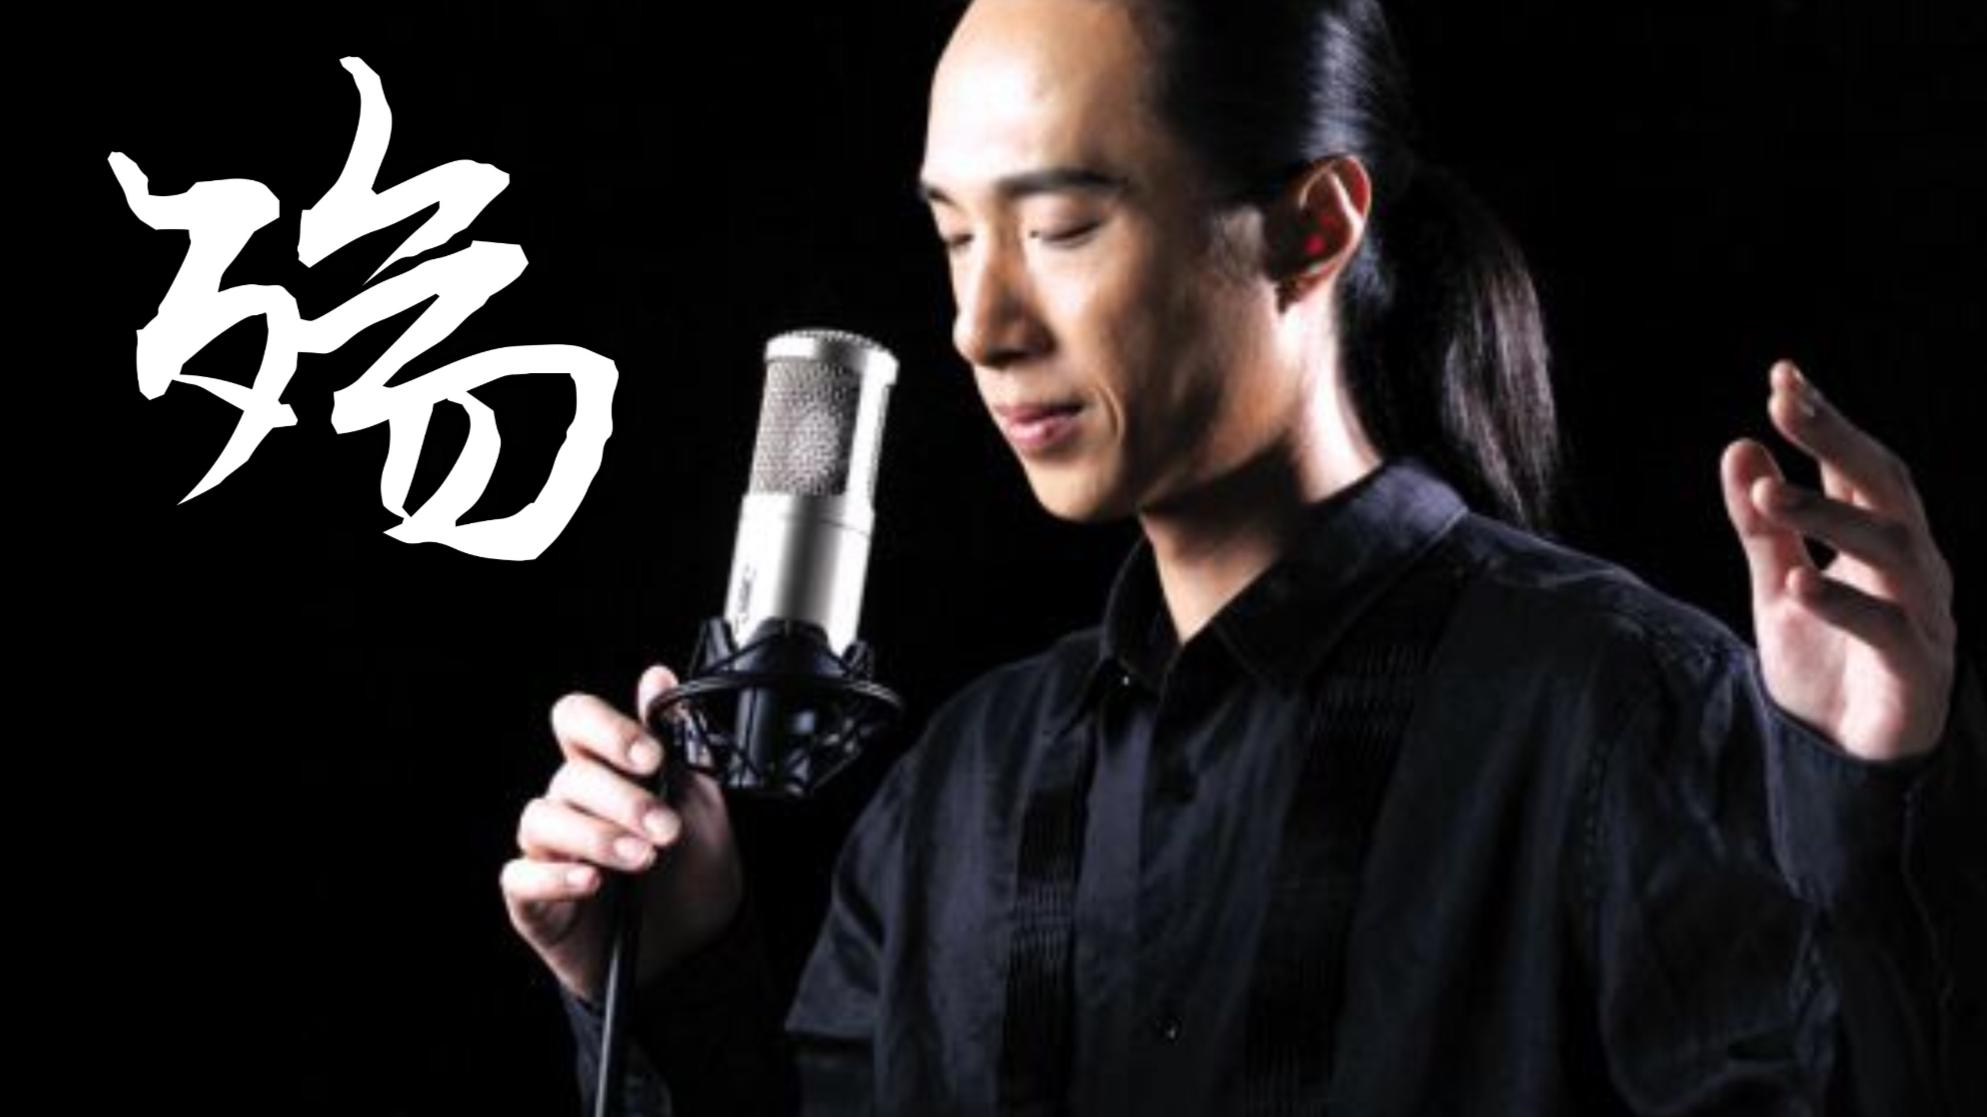 【赵鹏】你对低音一无所知,《殇》低音演唱:赵鹏 记得带好耳机